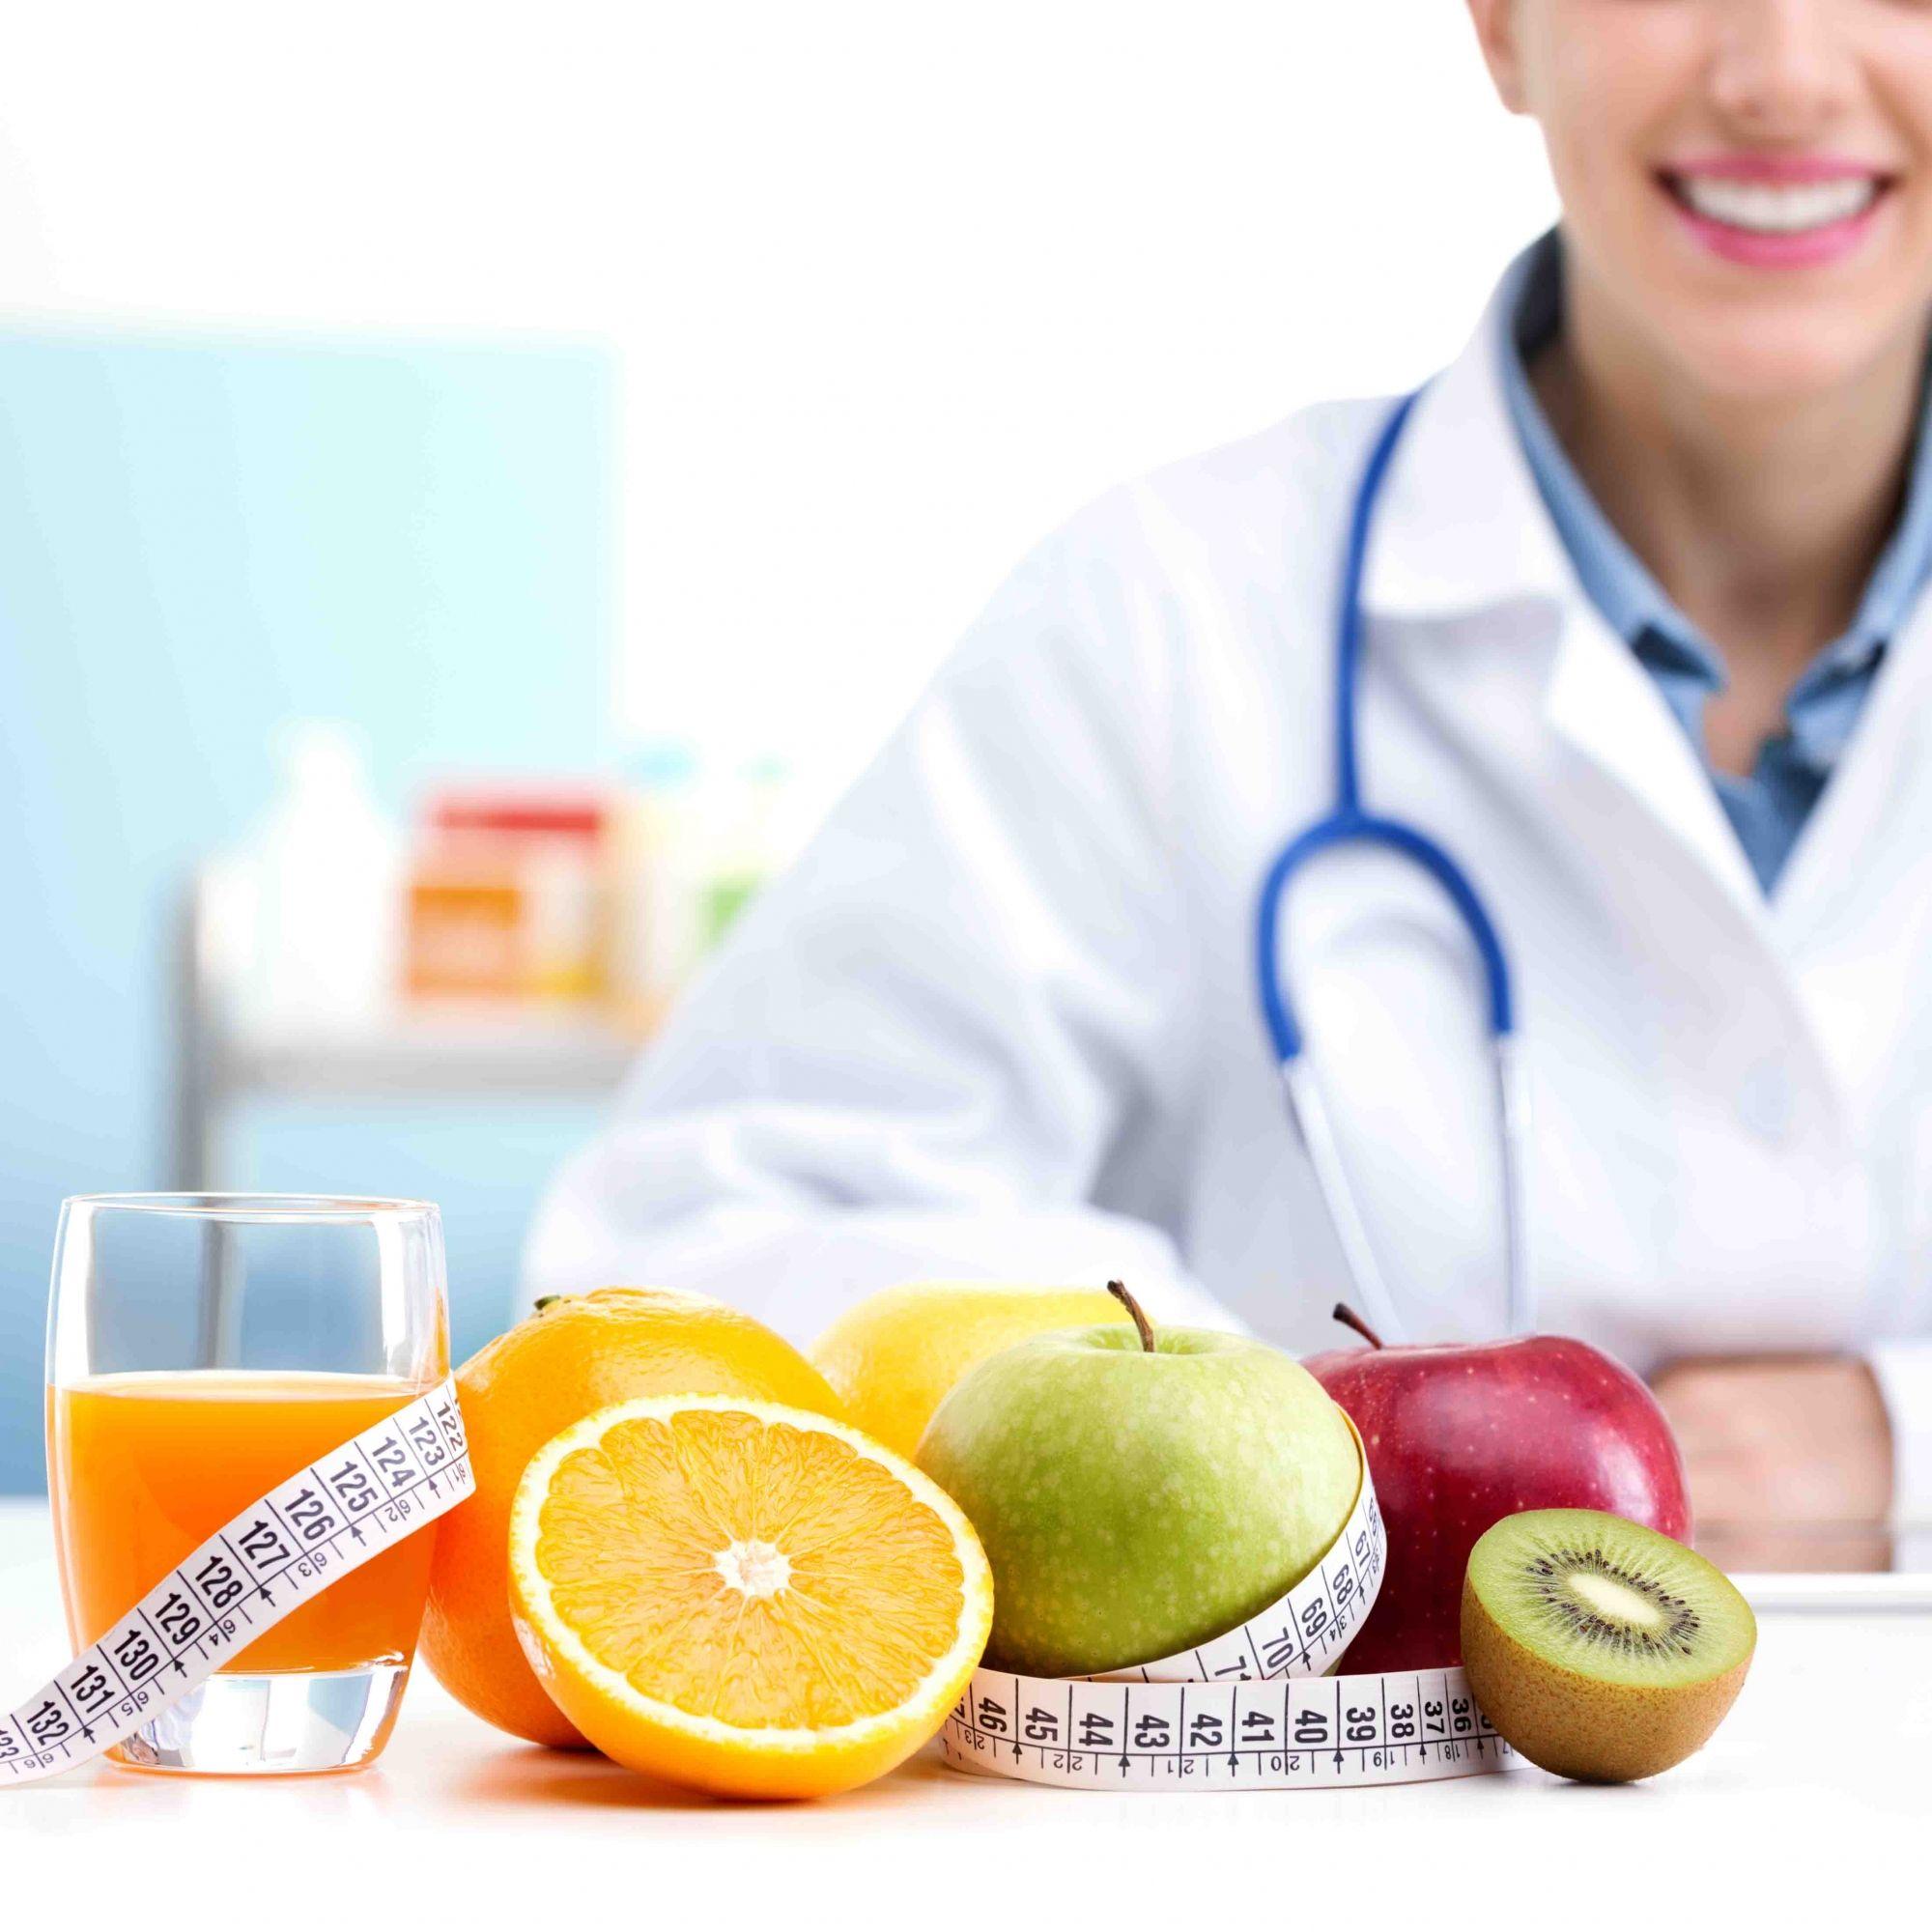 Avaliação nutricional (Prof. Vanessa Coutinho)  - Cursos distância e aulas online Instituto Phorte Educação.